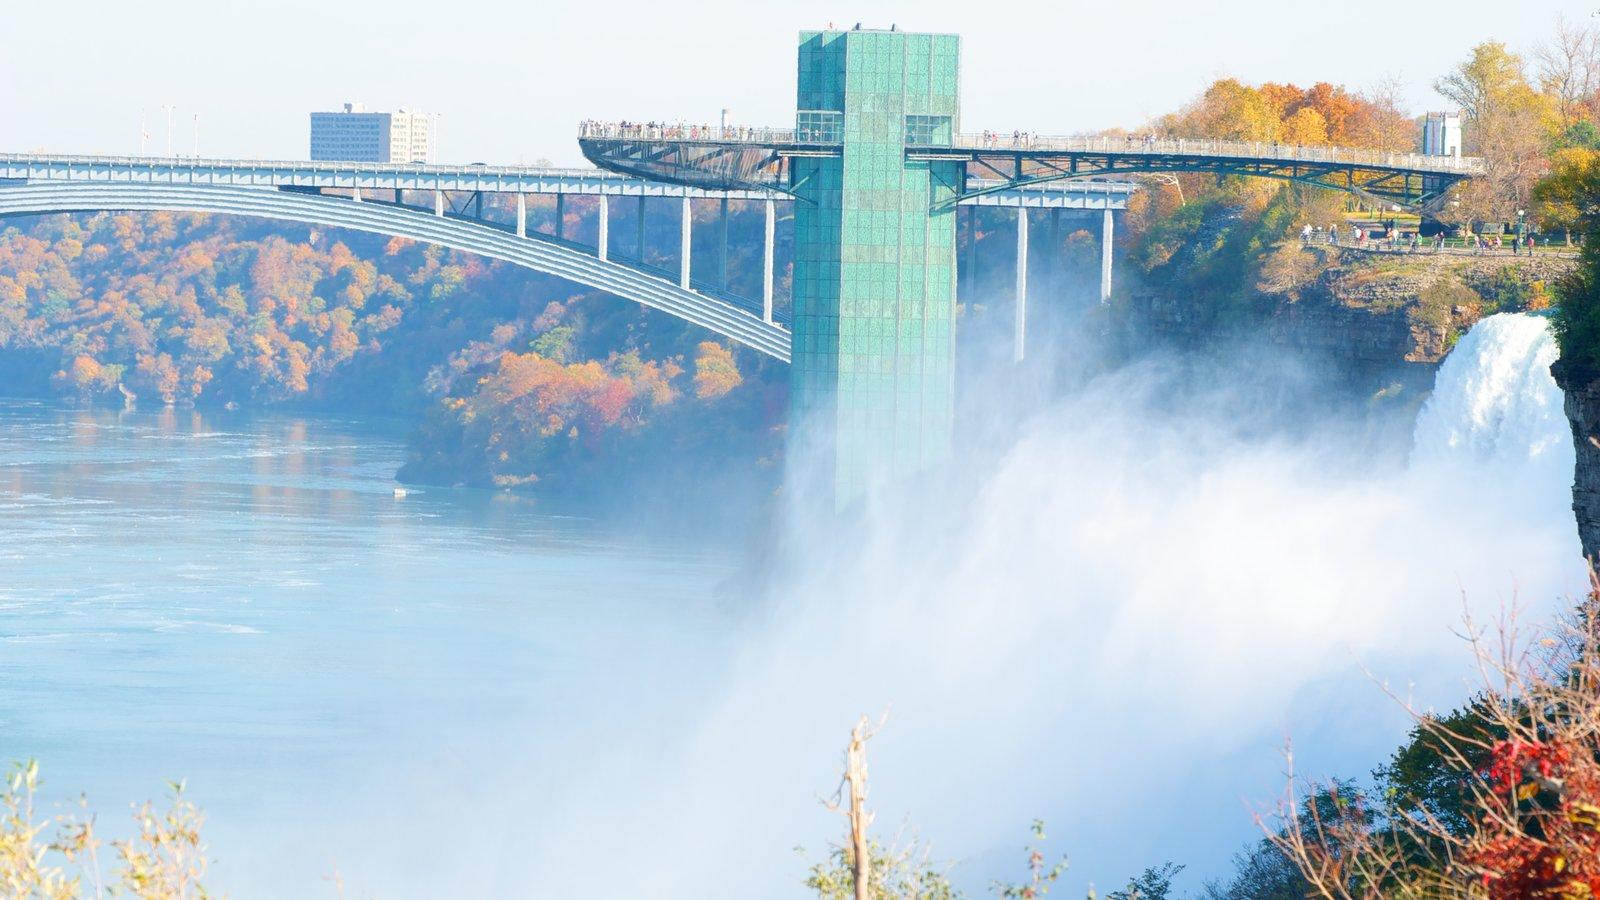 Ponte do Arco-íris caracterizando uma ponte, um rio ou córrego e uma cachoeira